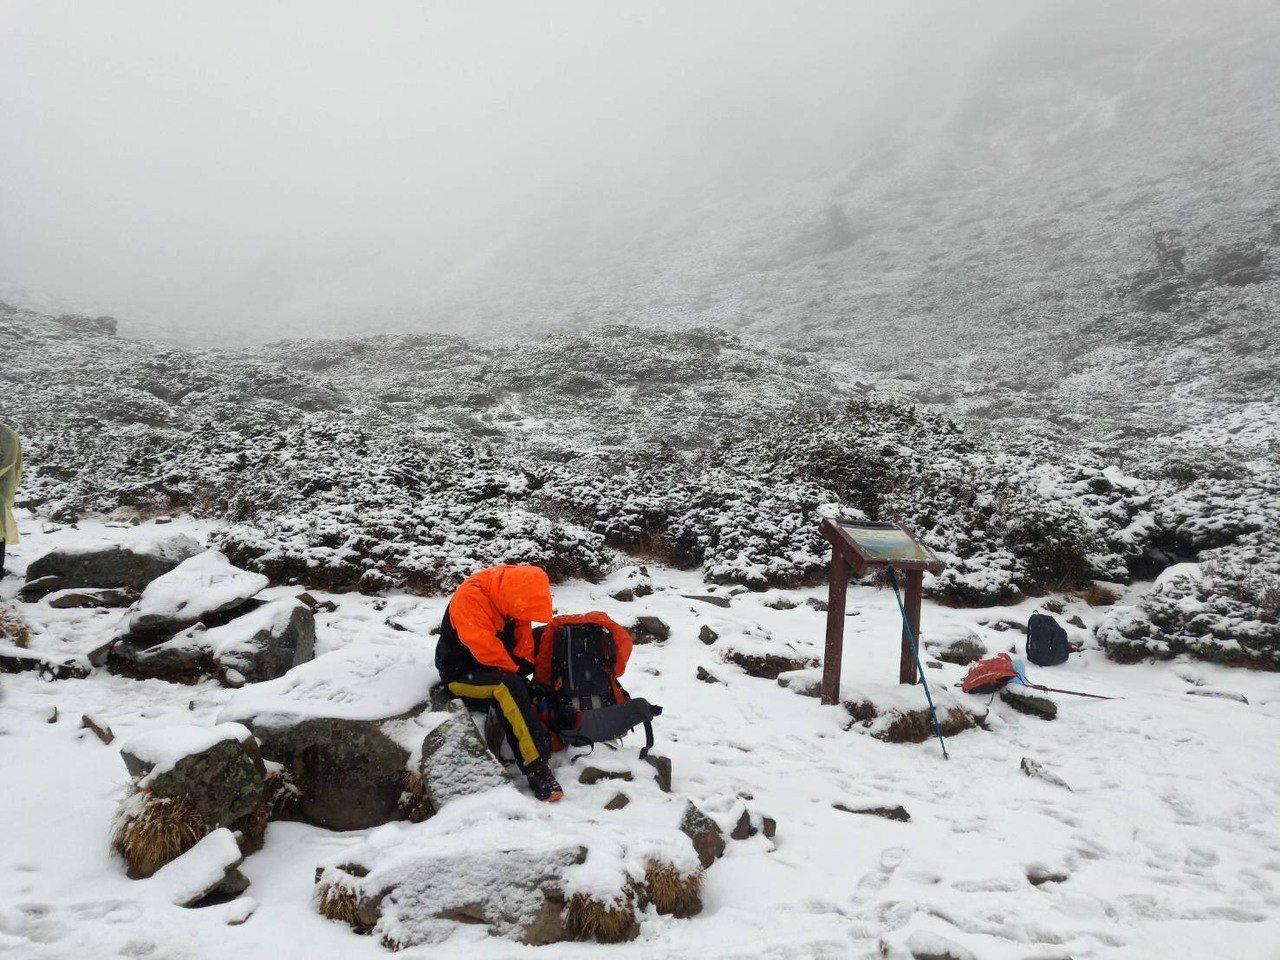 雪山地區今天降下今年第二場雪,山上一片美麗銀白世界。圖/雪霸志工錢煥欽提供